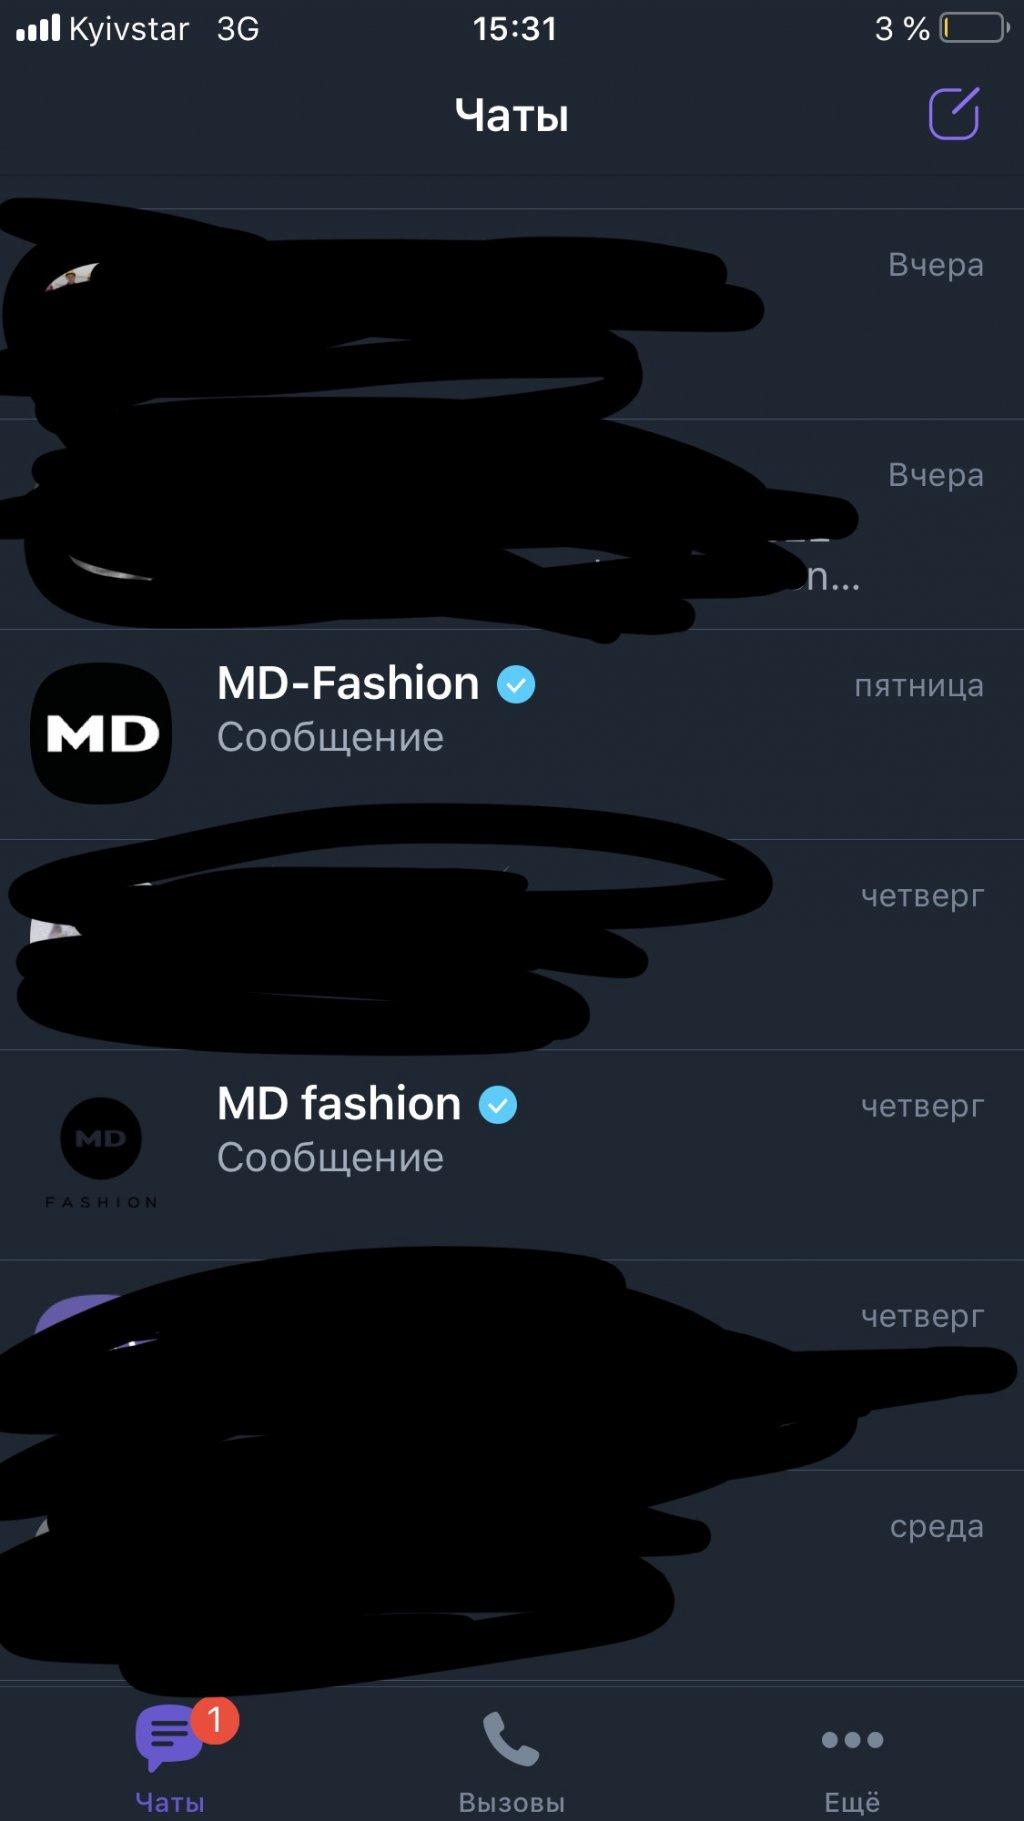 Интернет-магазин MD-Fashion - Вещи не оригинальные